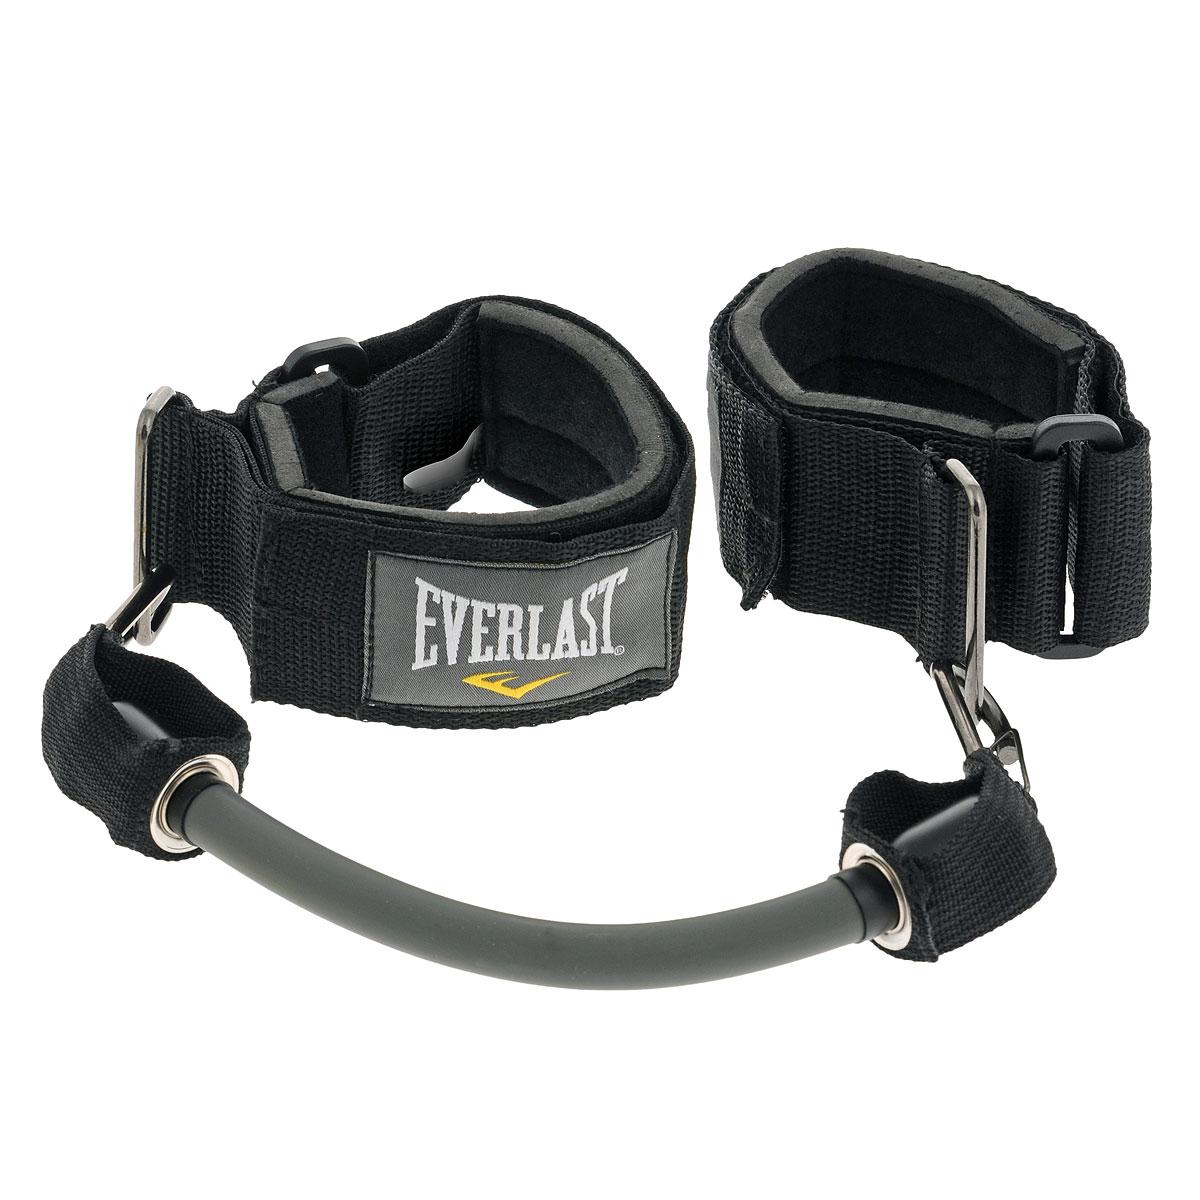 Эспандер для ног Everlast Ankle Resistance, цвет: черный6350RGEverlast Ankle Resistance - эспандер для тренировки ног, который пригодится не только боксерам, но и фитнес-спортсменам. Мягкие манжеты с регулировкой длины гарантируют комфортную тренировку, а сменные жгуты позволяют варьировать нагрузку в зависимости от целей или уровня подготовки. Красный жгут обеспечивает сопротивление до 7 кг и предназначен для отработки техники ударов коленом и ногой. Серый жгут повышает сопротивление до 11 кг и идеален для того, чтобы совершенствовать стойку.